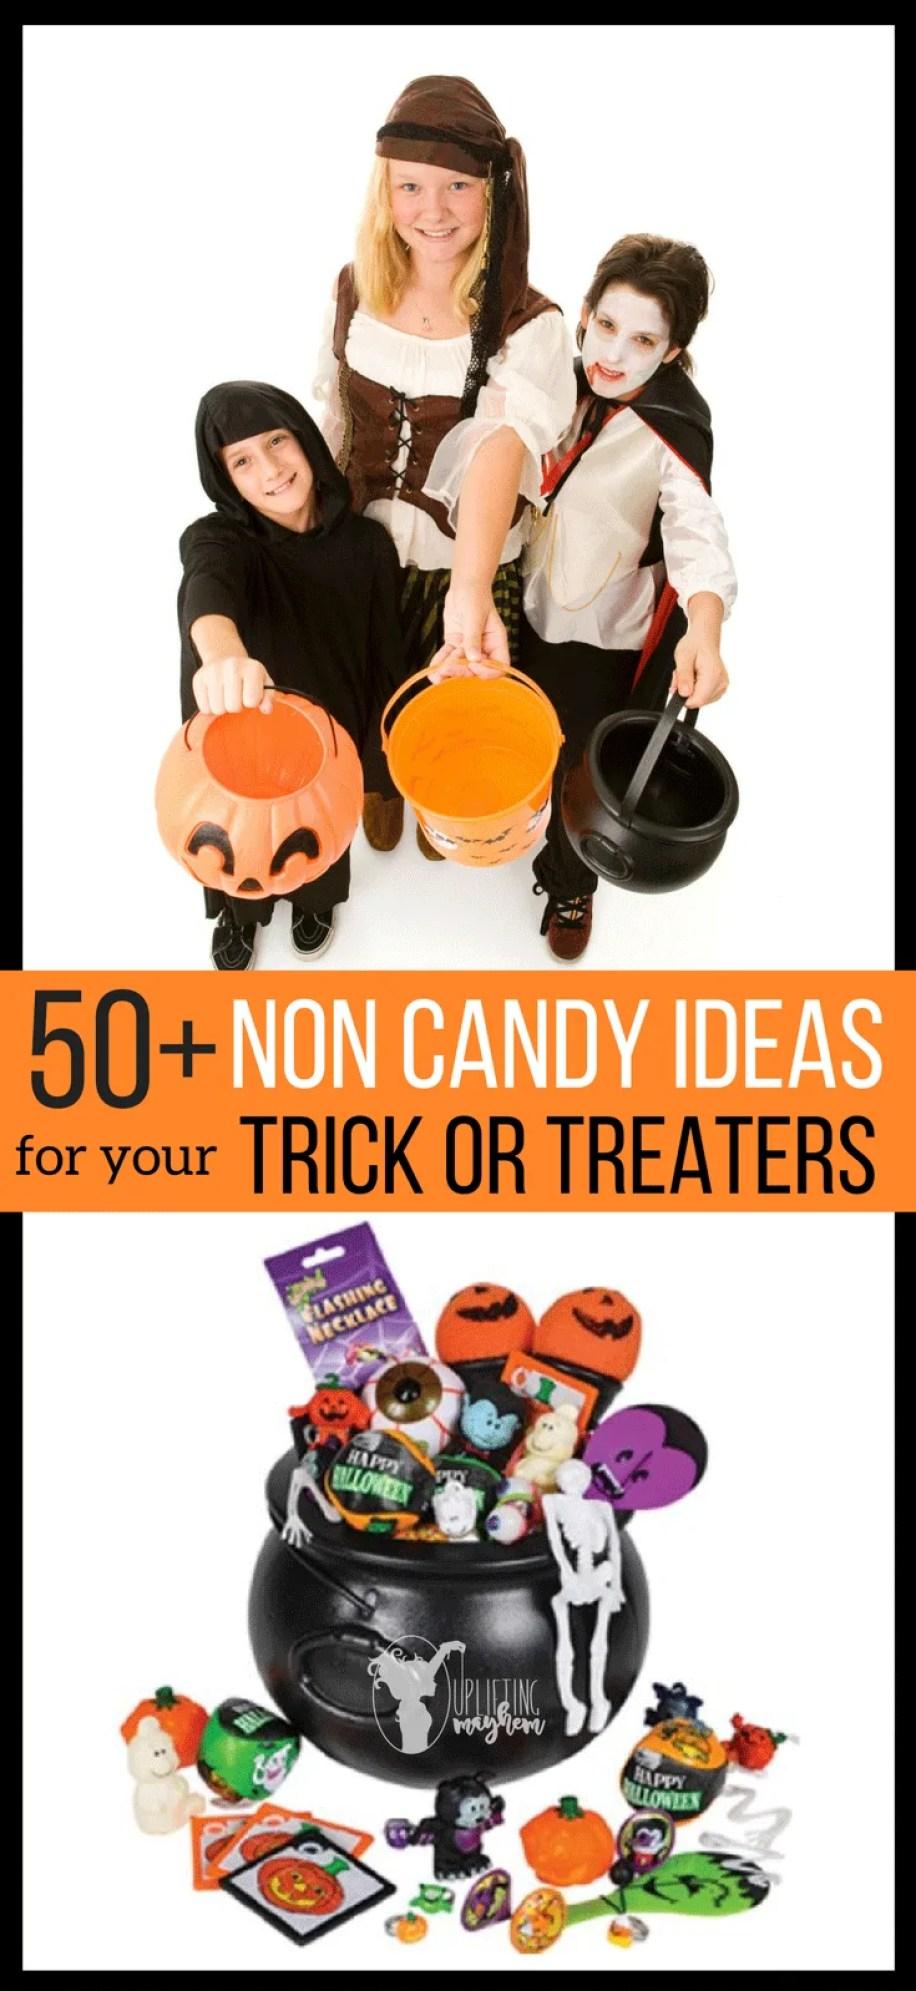 Ideas For Non-Candy Halloween Treats